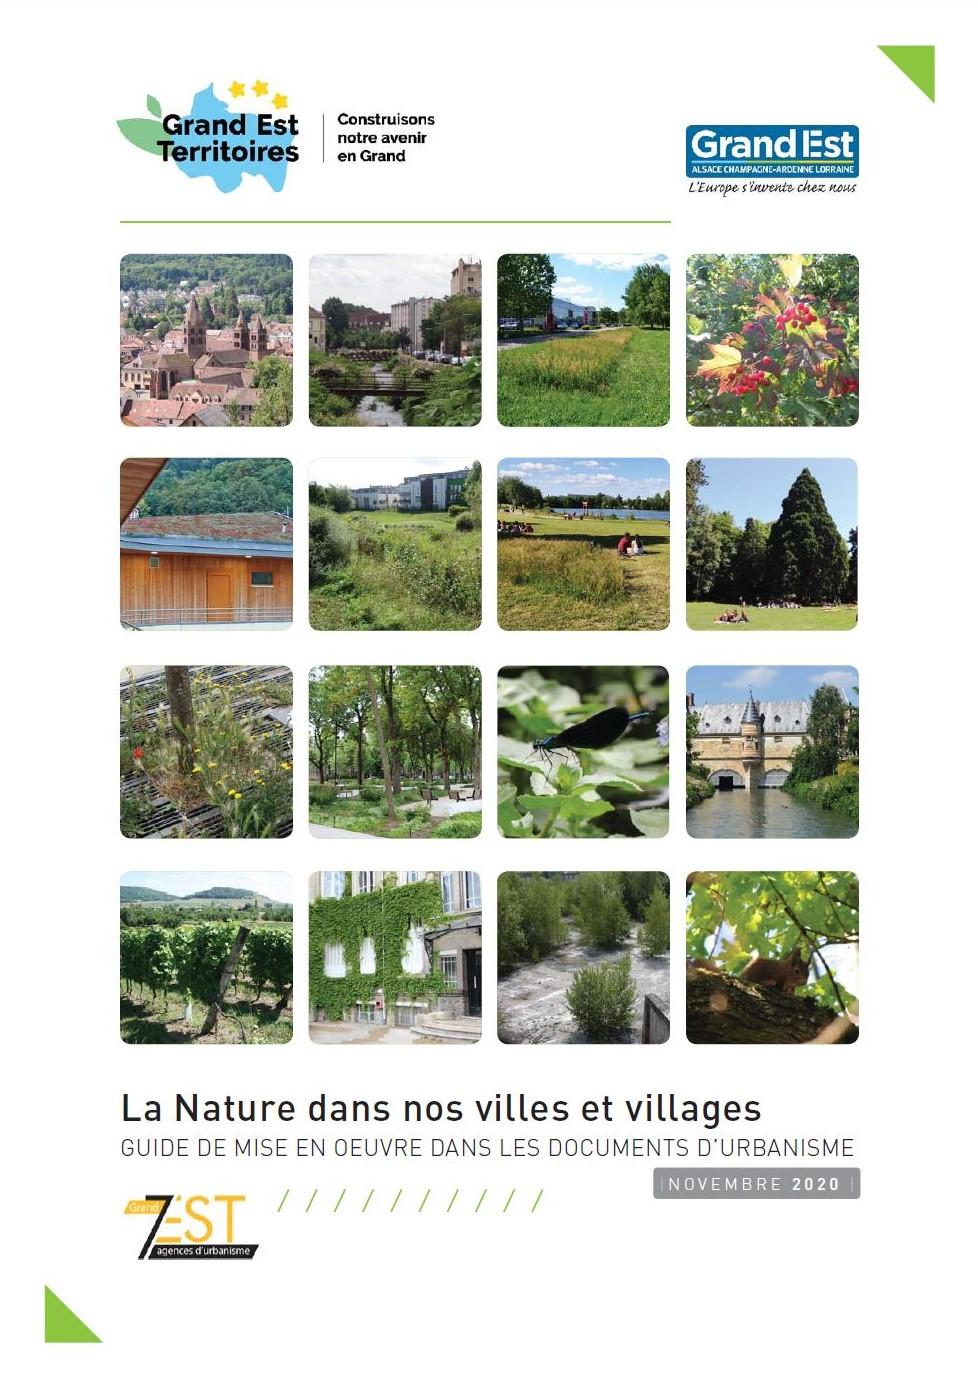 La Nature dans nos Villes et Villages, Guide de mise en œuvre dans les documents d'urbanisme